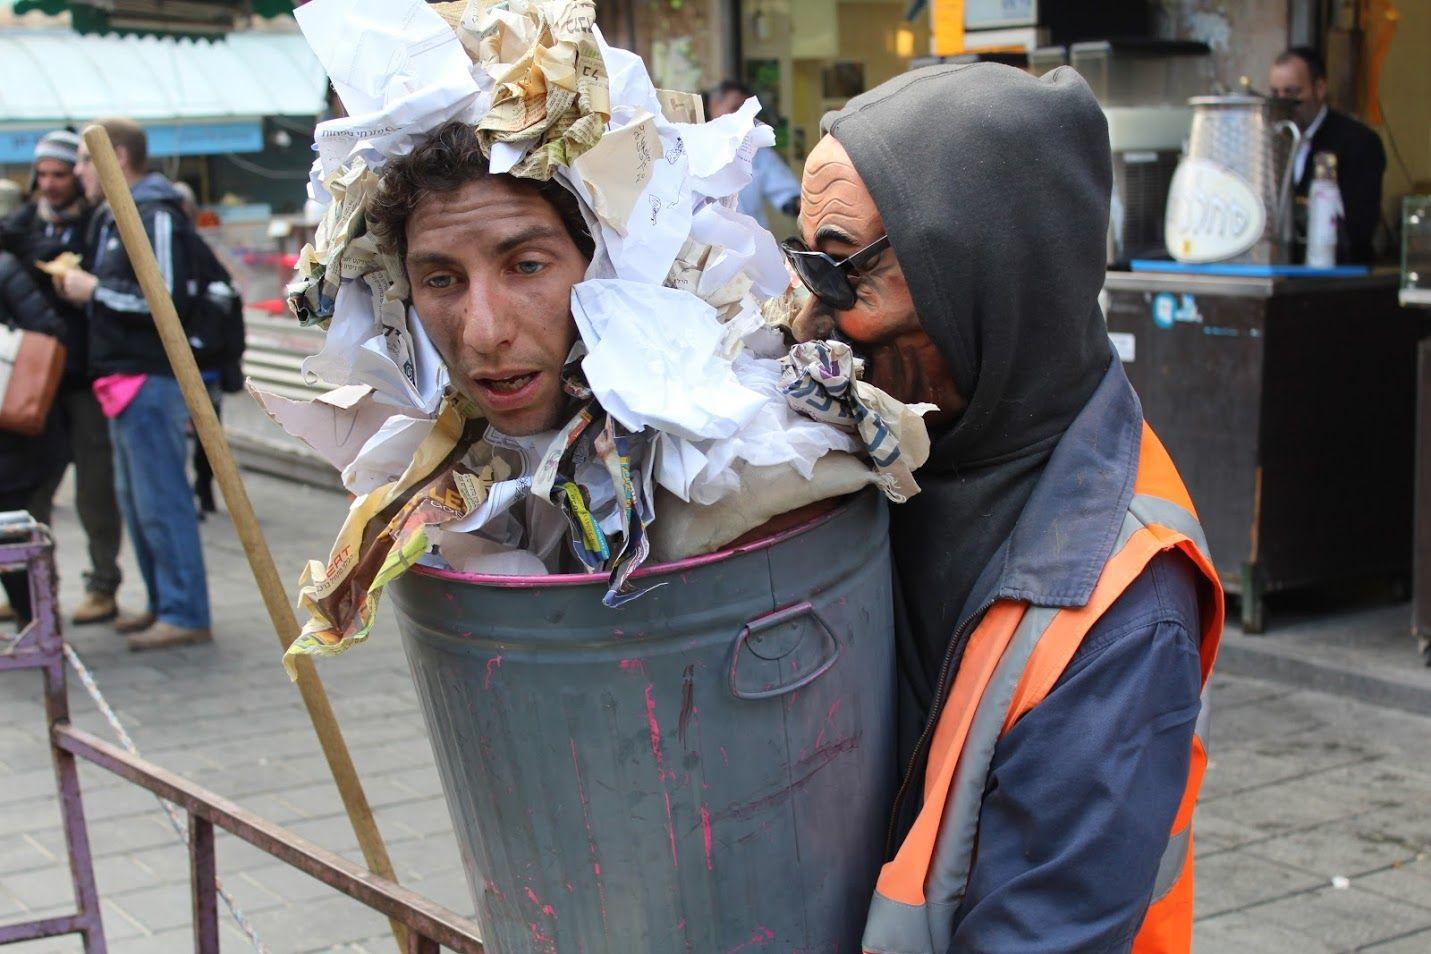 Artiste du théâtre Koré, déguisé en poubelle, Mahane Yéhouda, Jérusalem, le 28 décembre 2016